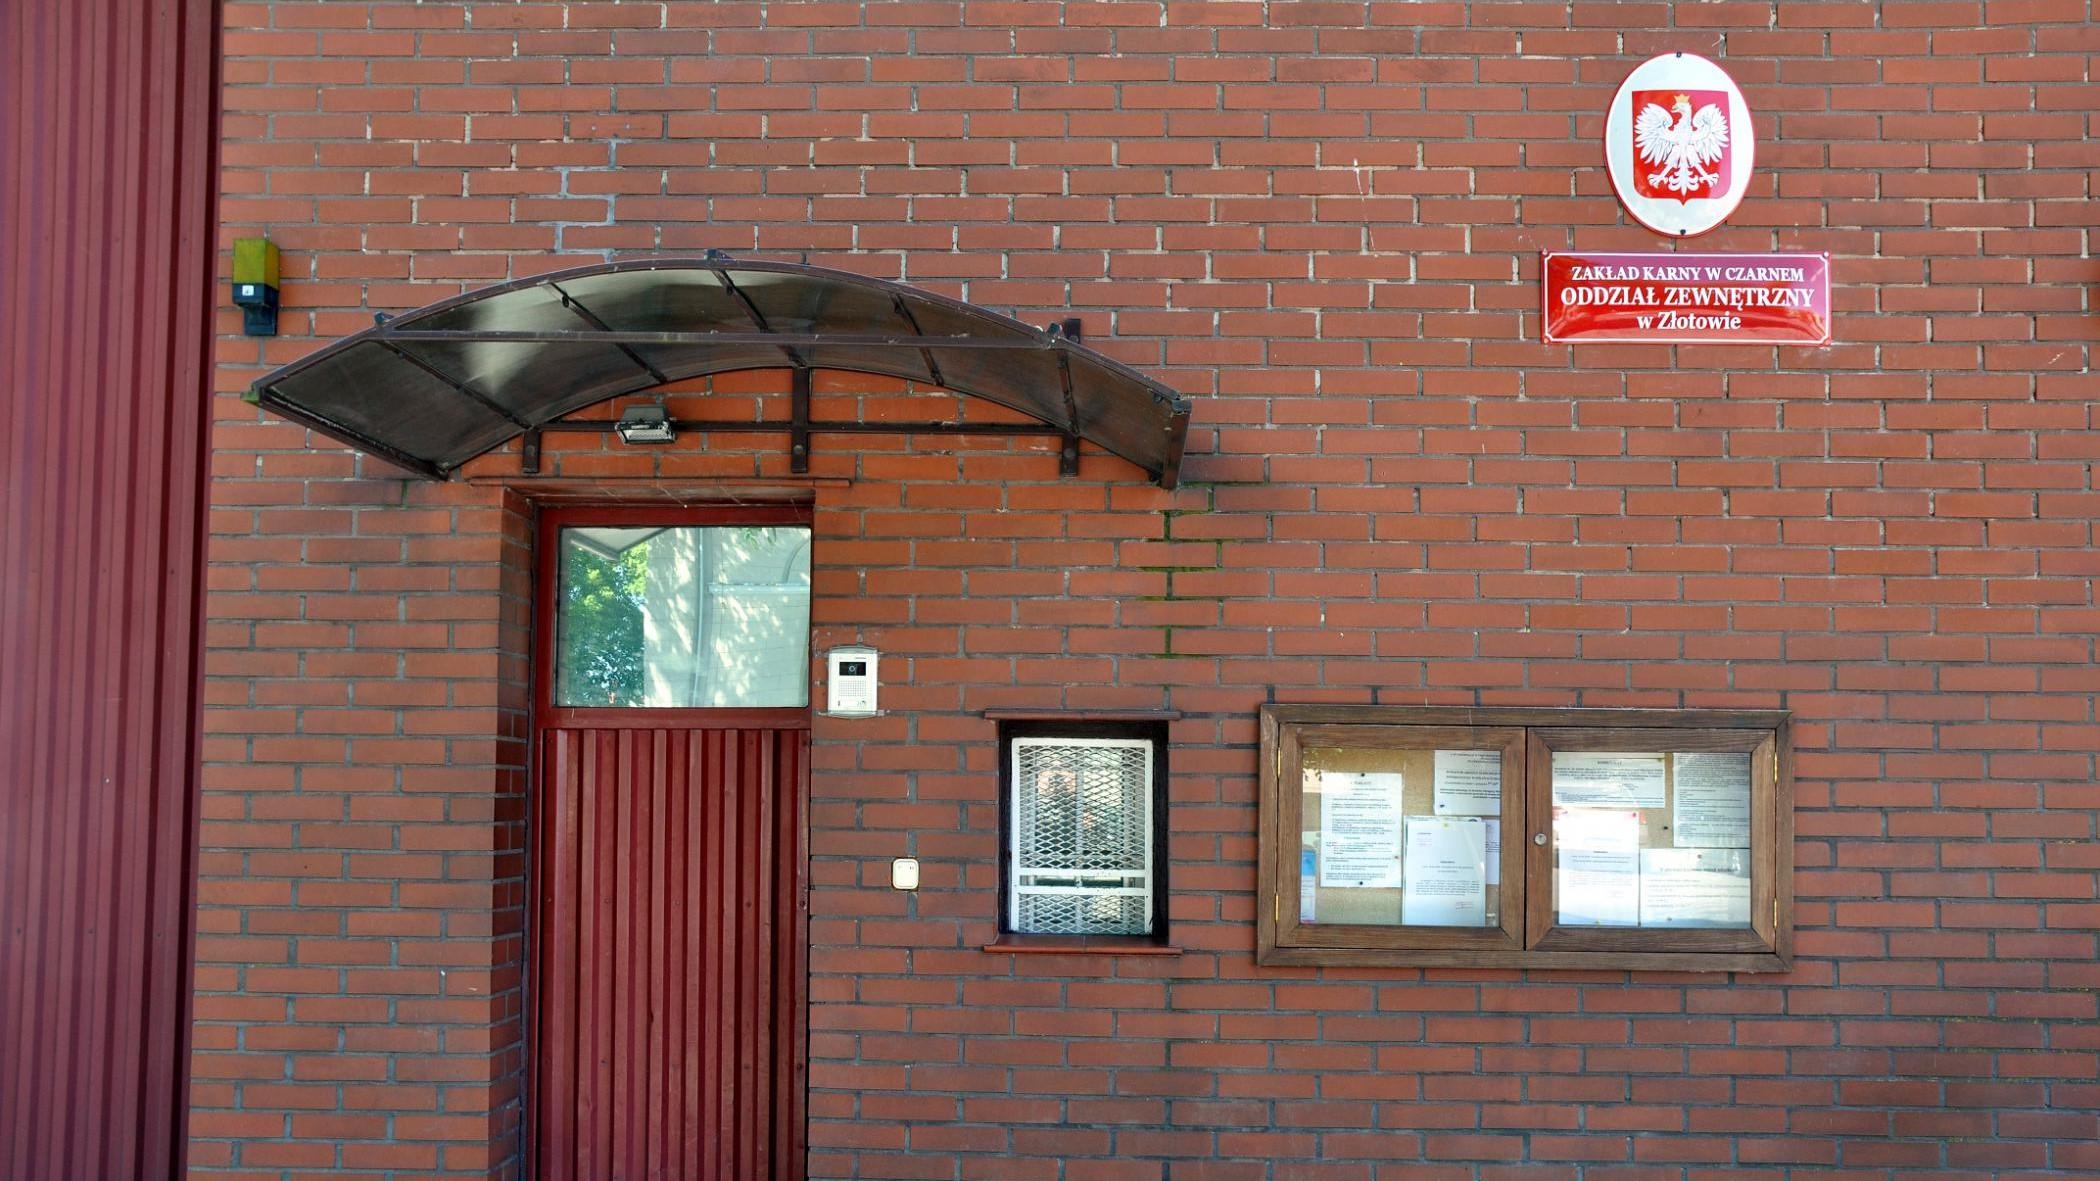 areszt w złotowie - www.sw.gov.pl